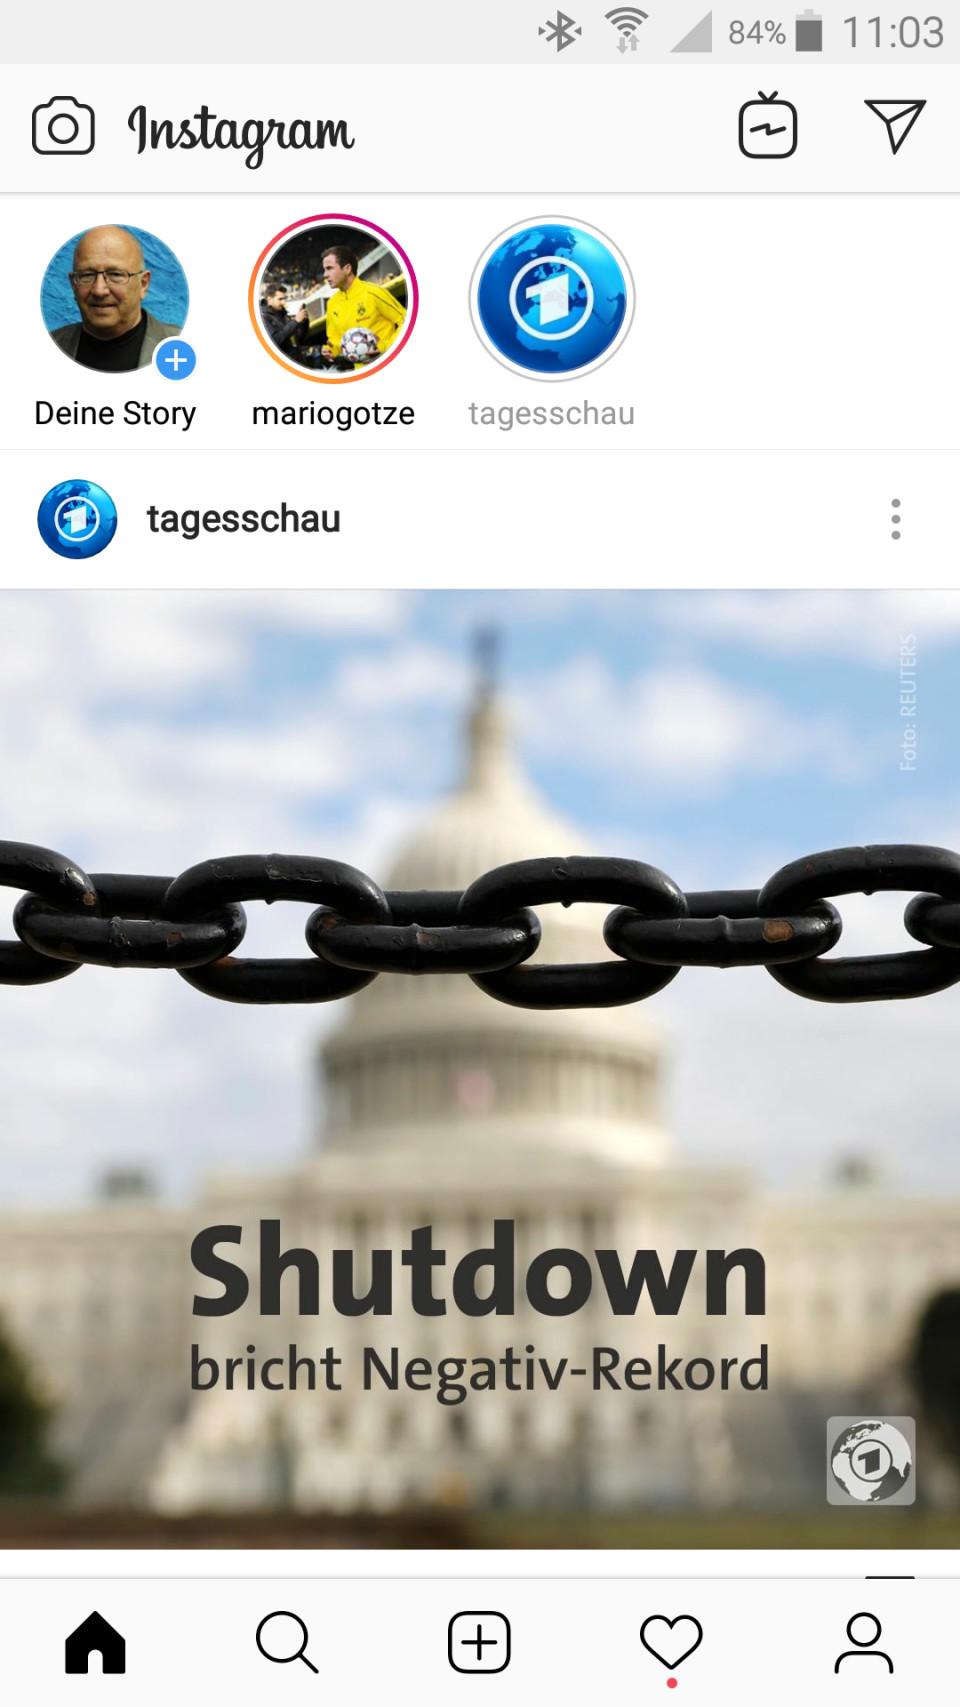 Tagesschau Instagram